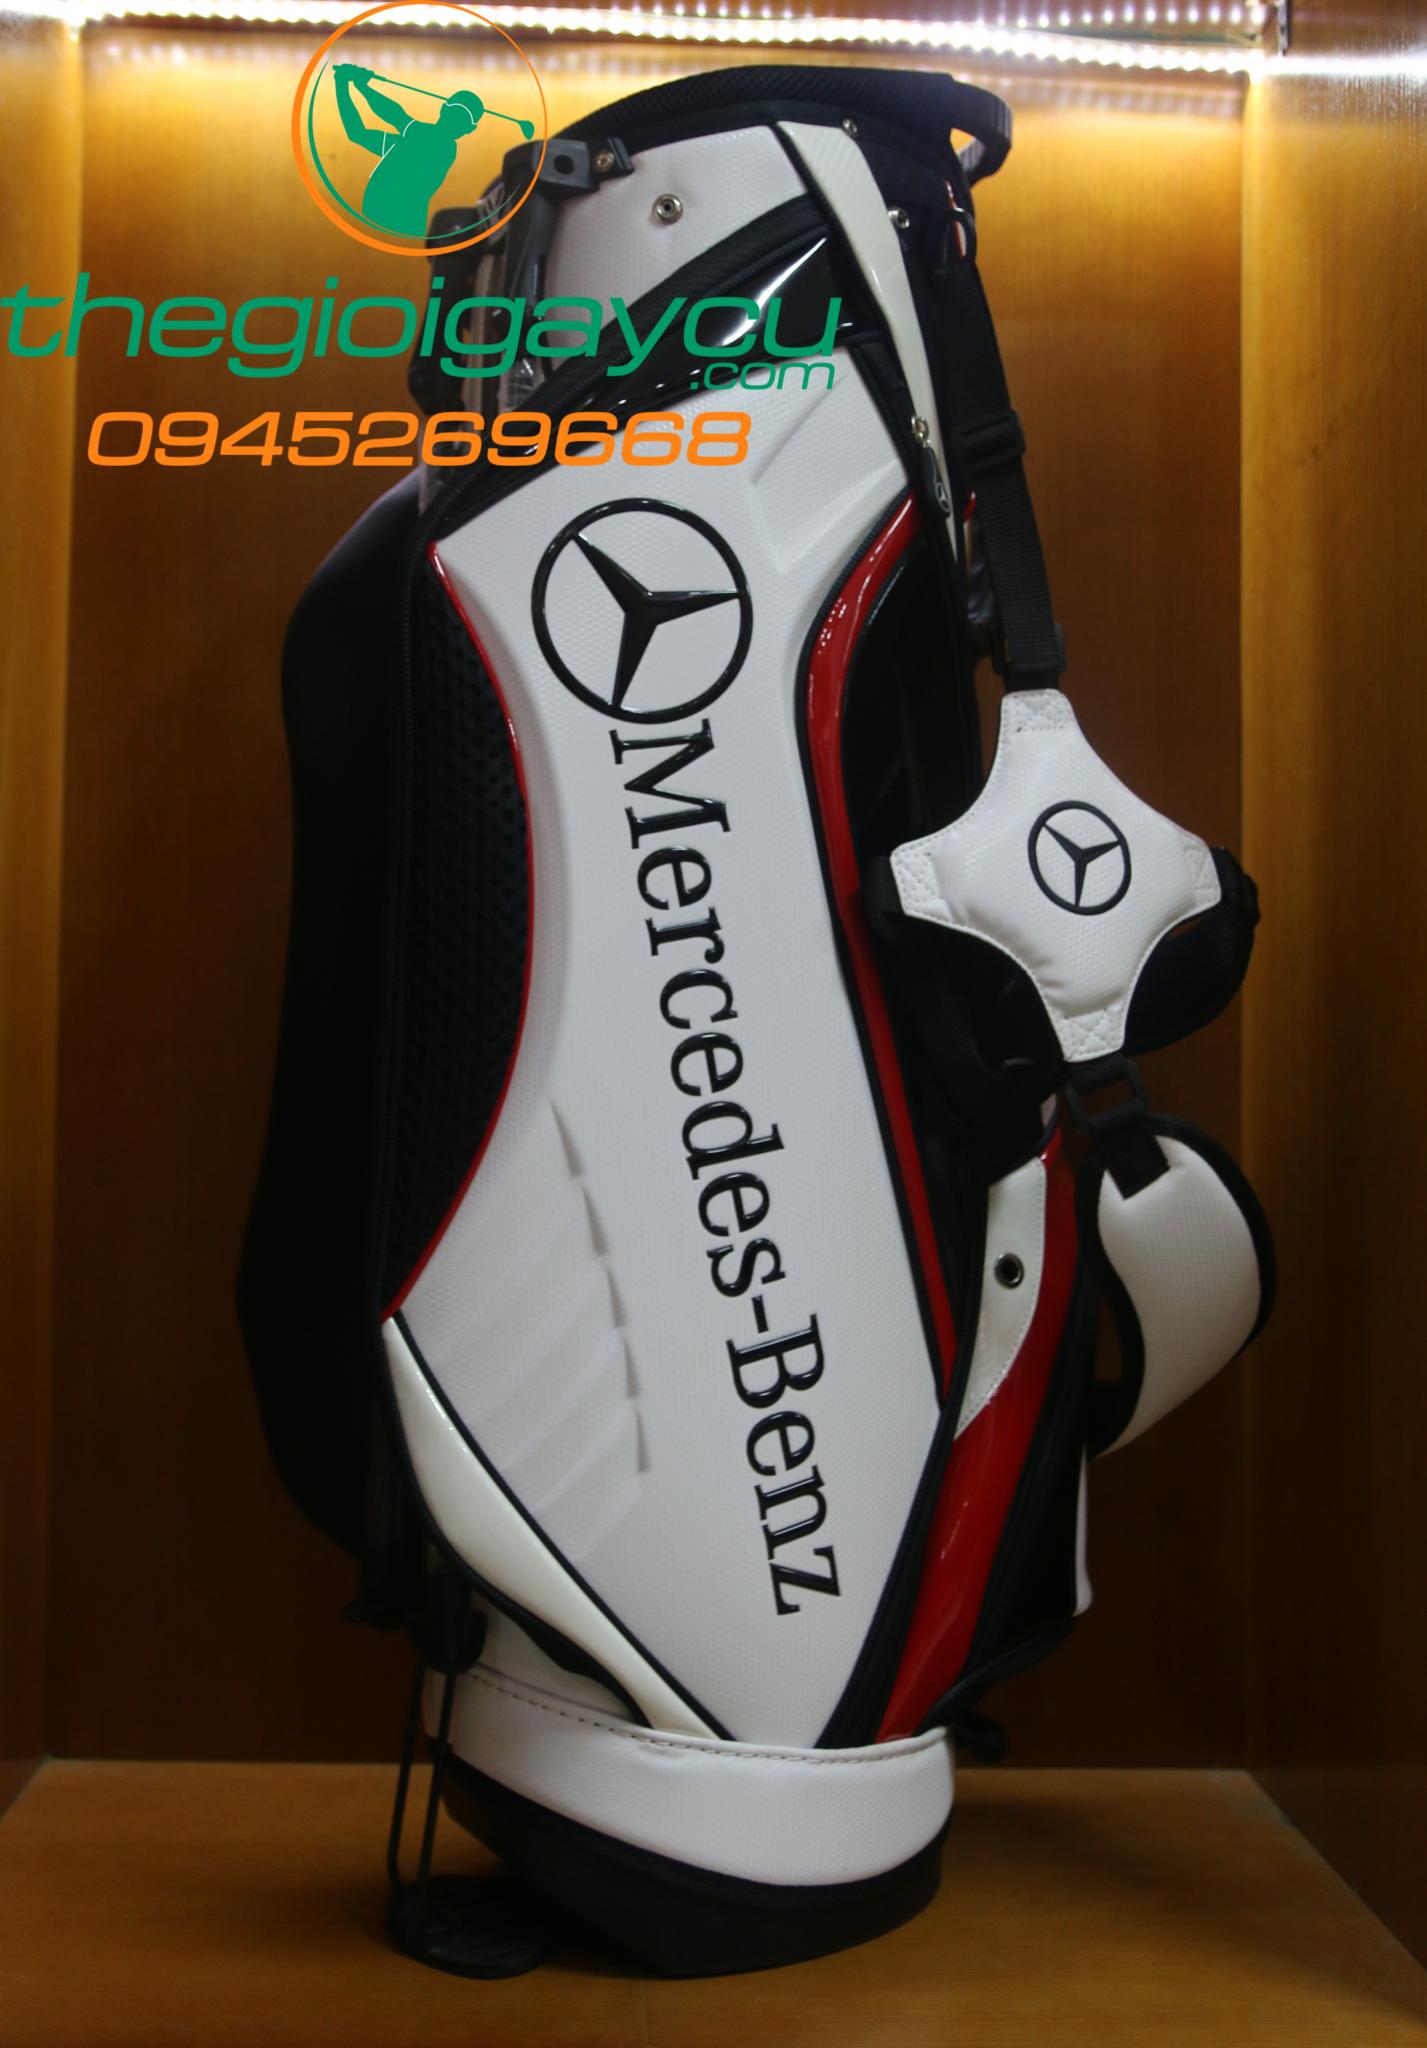 Túi gậy golf là thiết bị mang phong cách và sự chuyên nghiệp của bạn khi ra sân